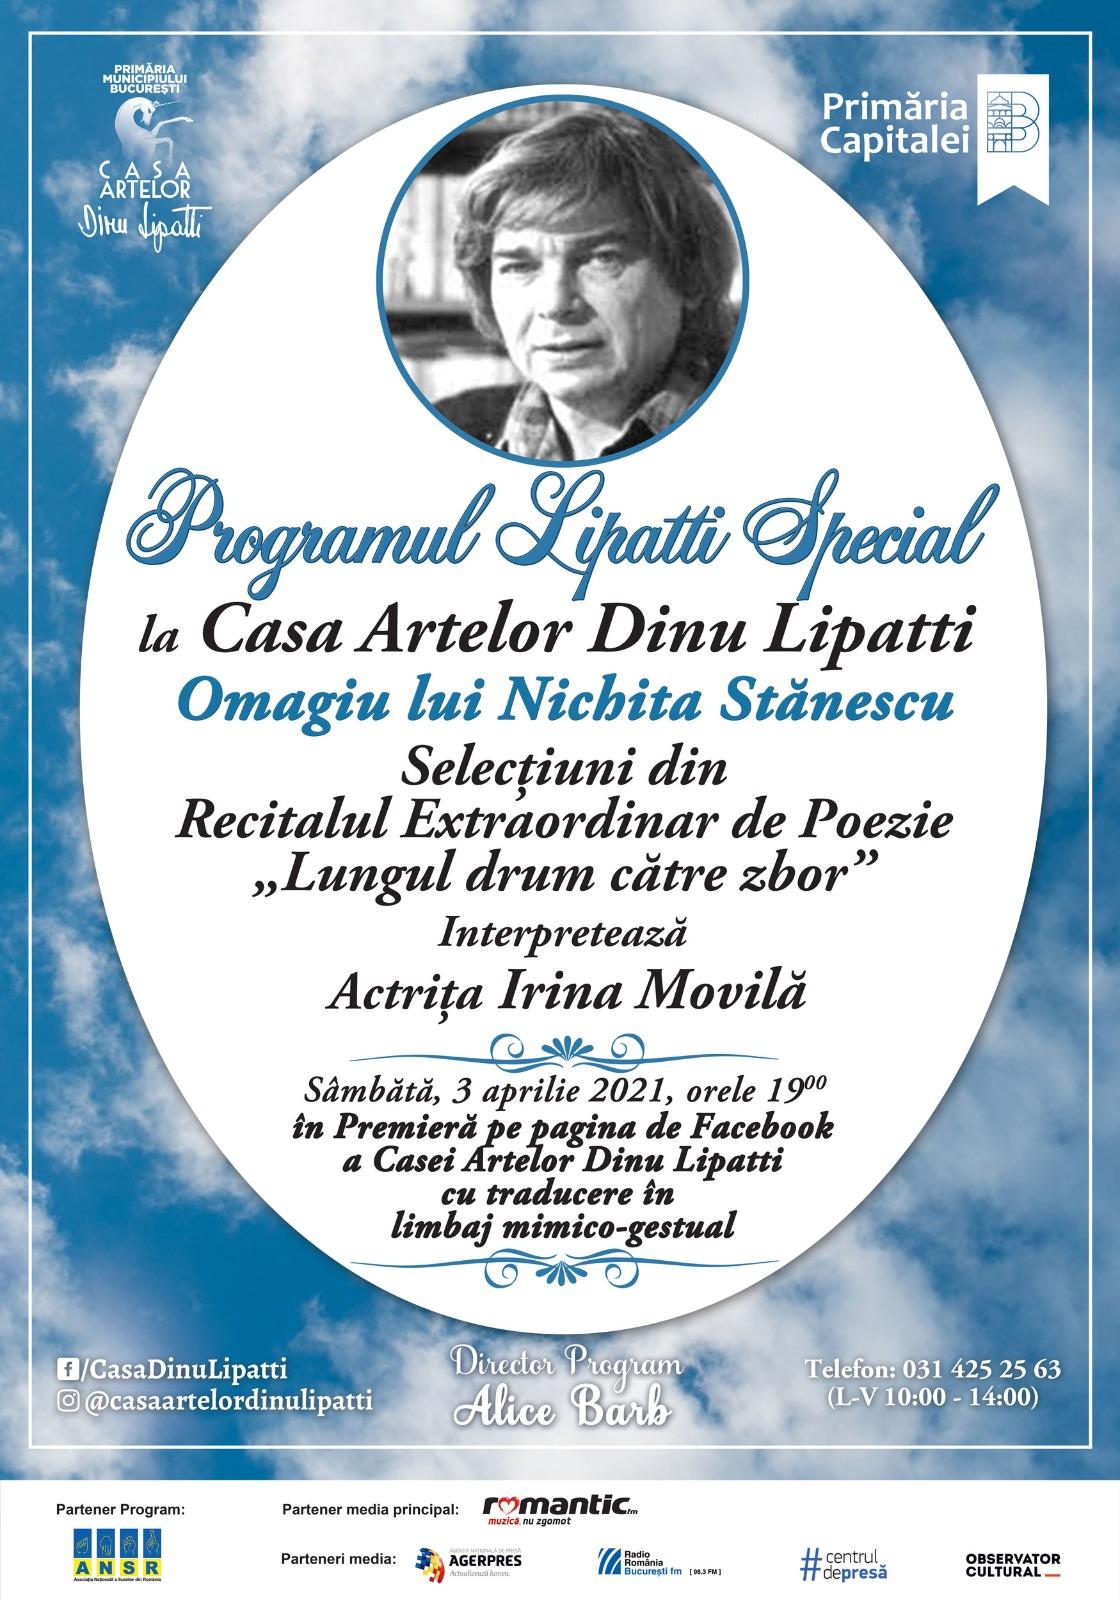 Omagiu lui Nichita Stănescu la Casa Artelor Dinu Lipatti în Premieră Online în cadrul Programului Lipatti Special, Ediția a XVI-a